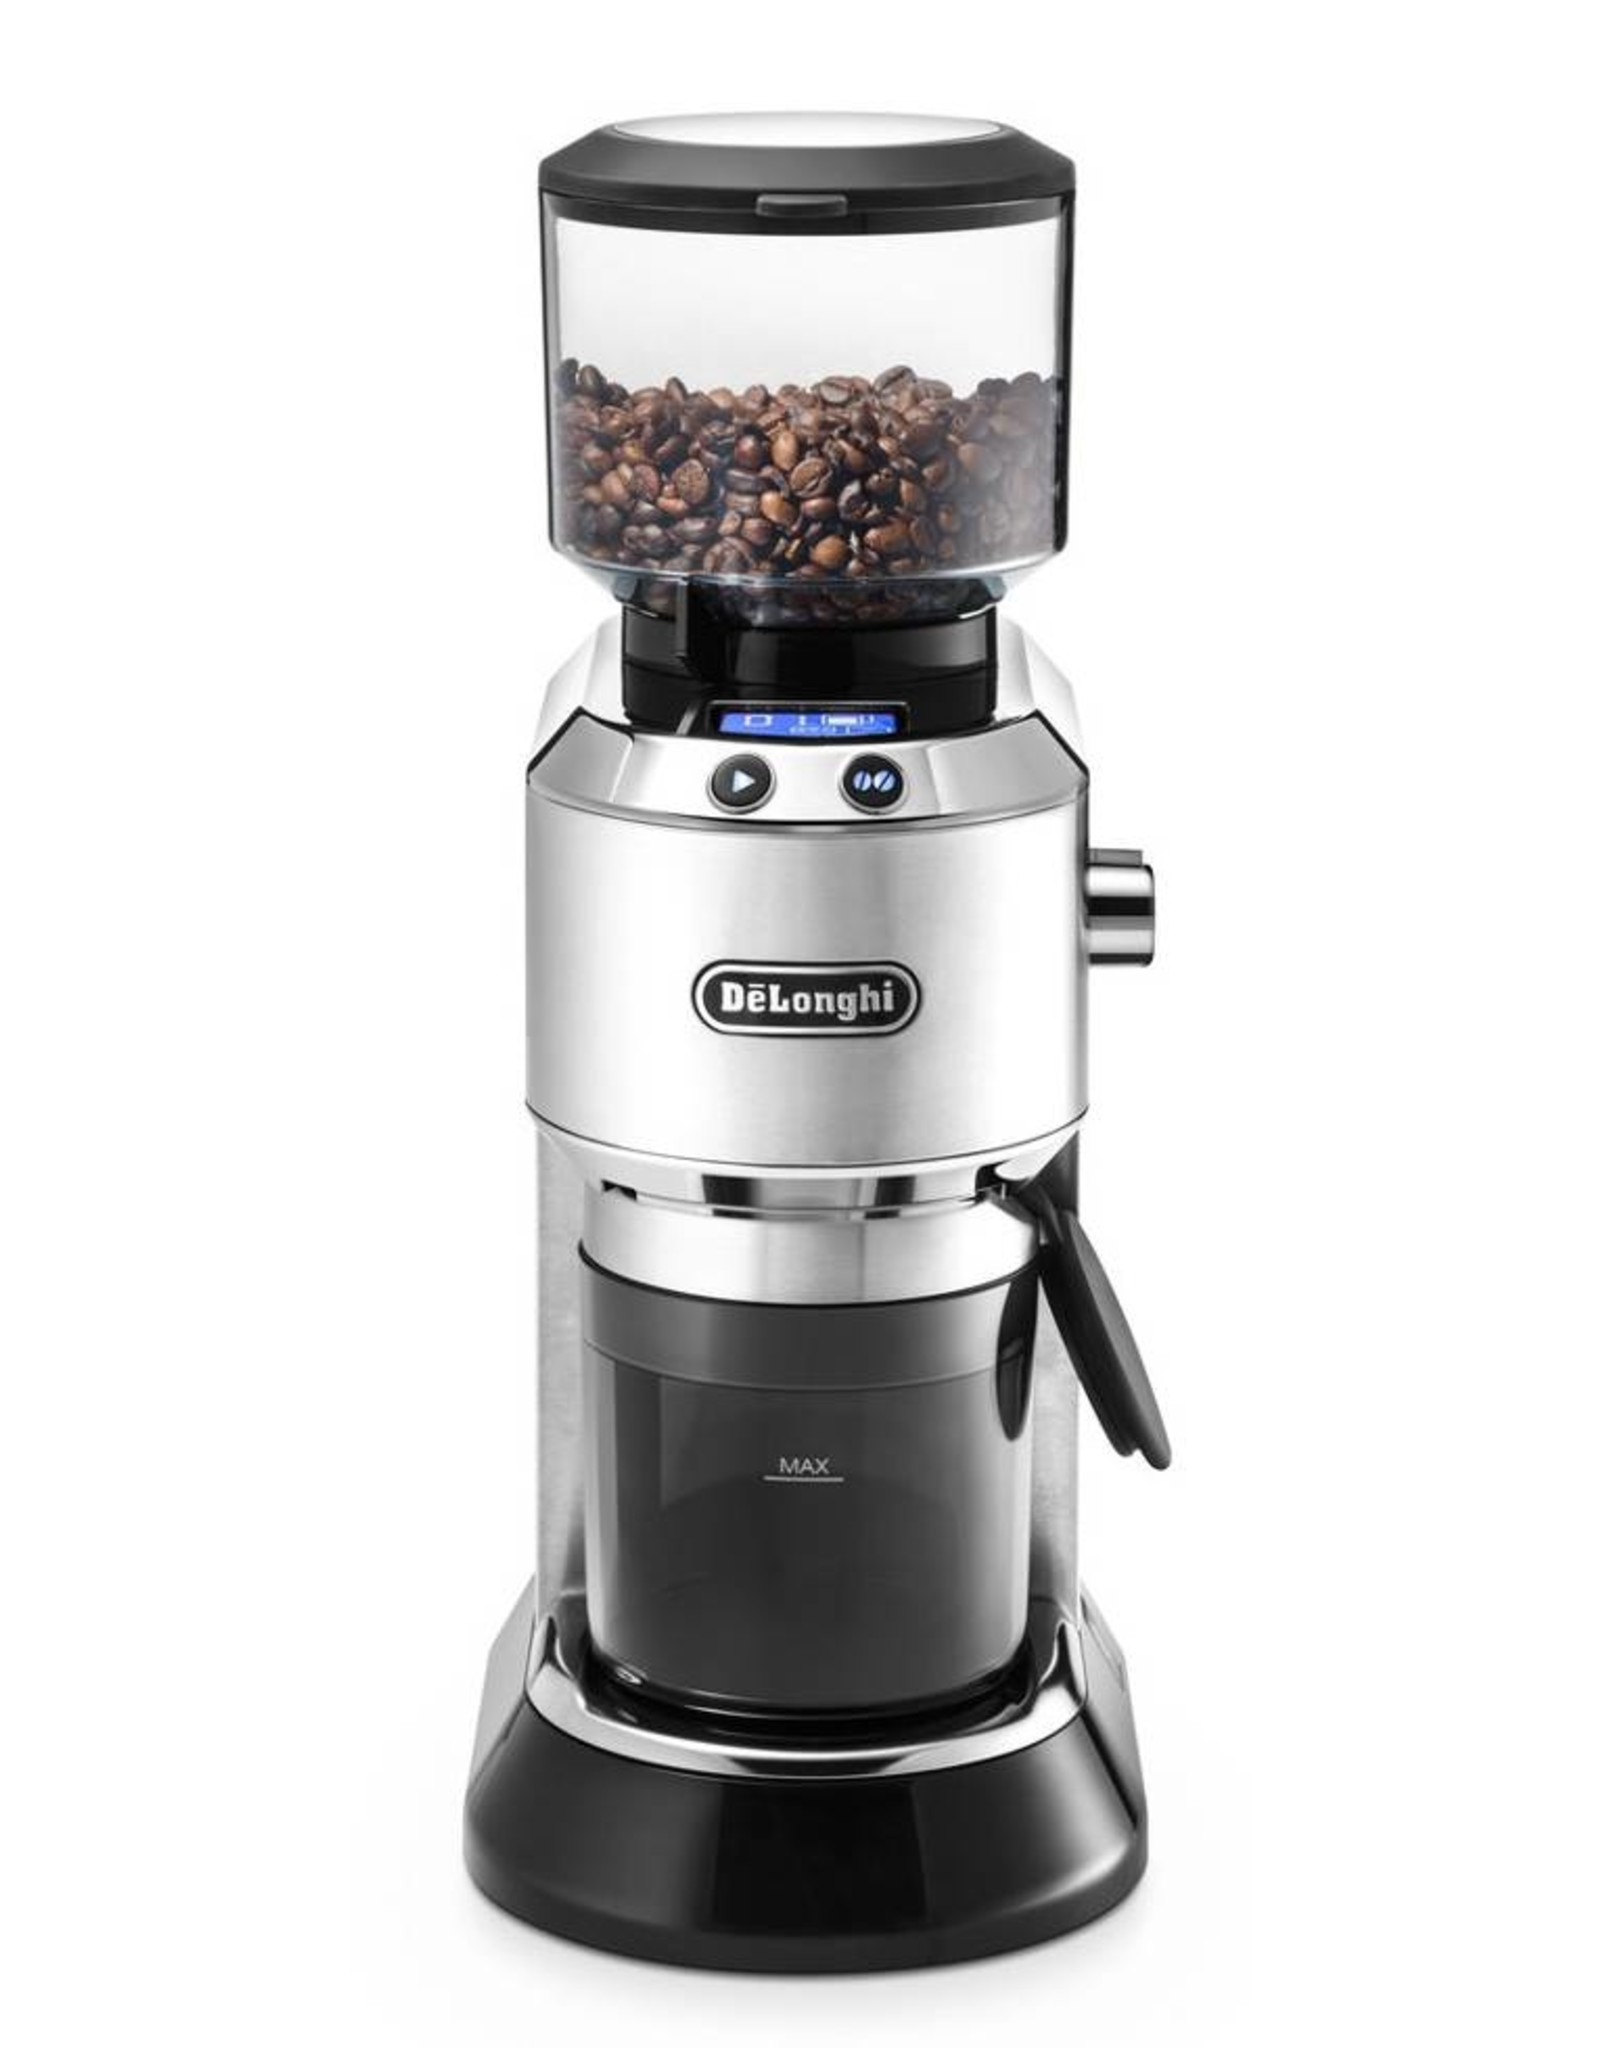 DeLonghi DeLonghi Dedica KG 521.M Koffiemolen 150W Roestvrijstaal